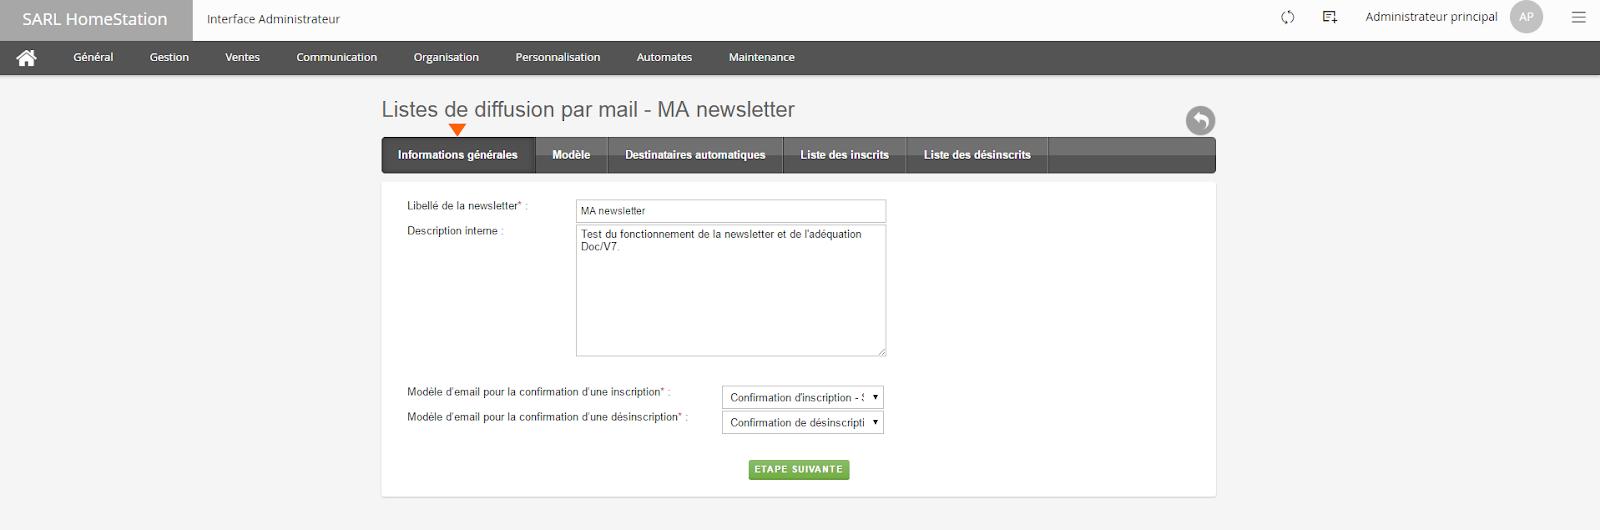 Listes de diffusion par mail -MA newsletter infogé.png